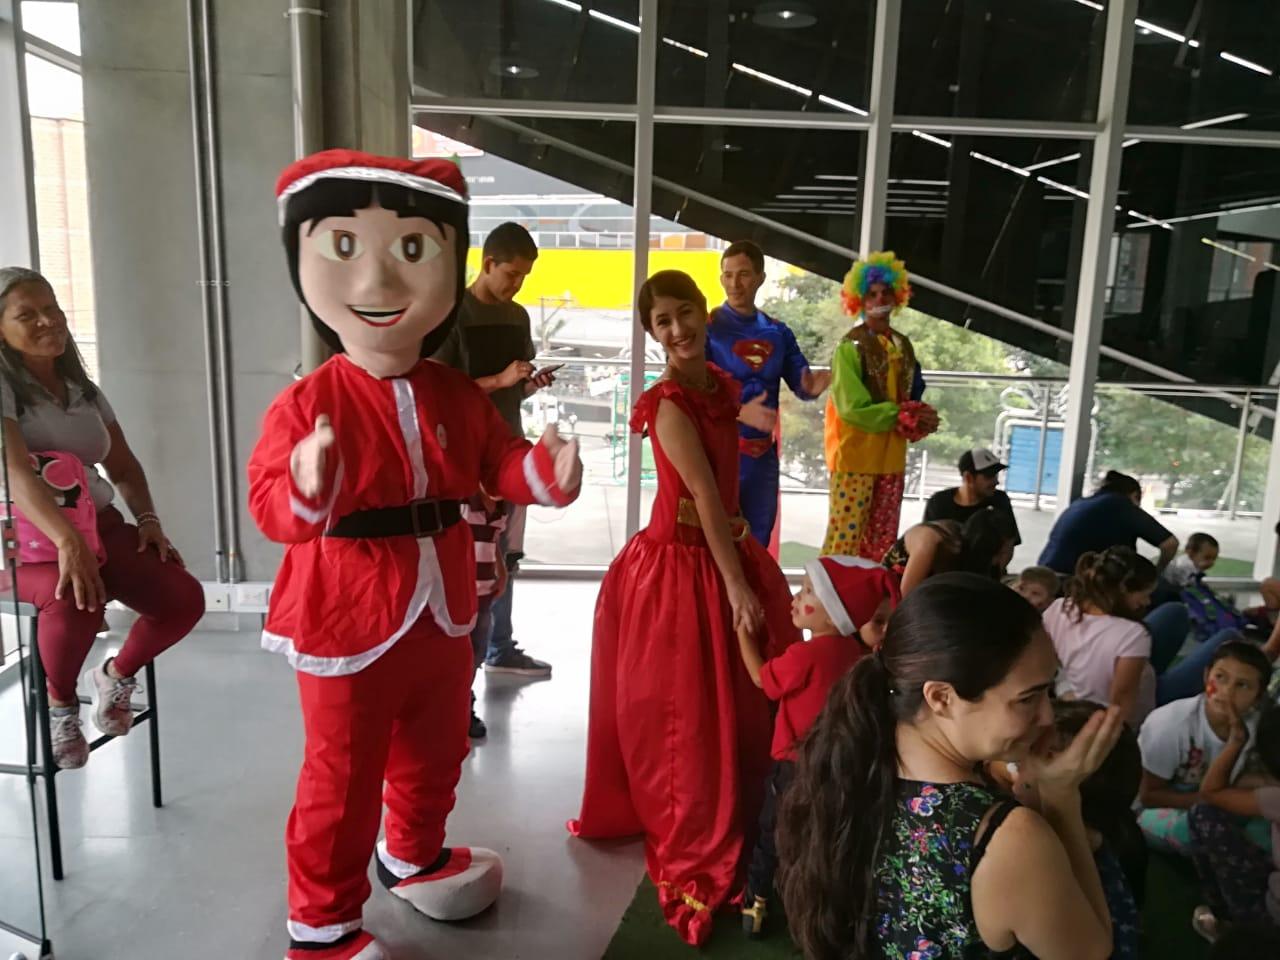 Corporación Benéfica Amor Fraternal, regala sonrisas a niños venezolanos en Colombia.